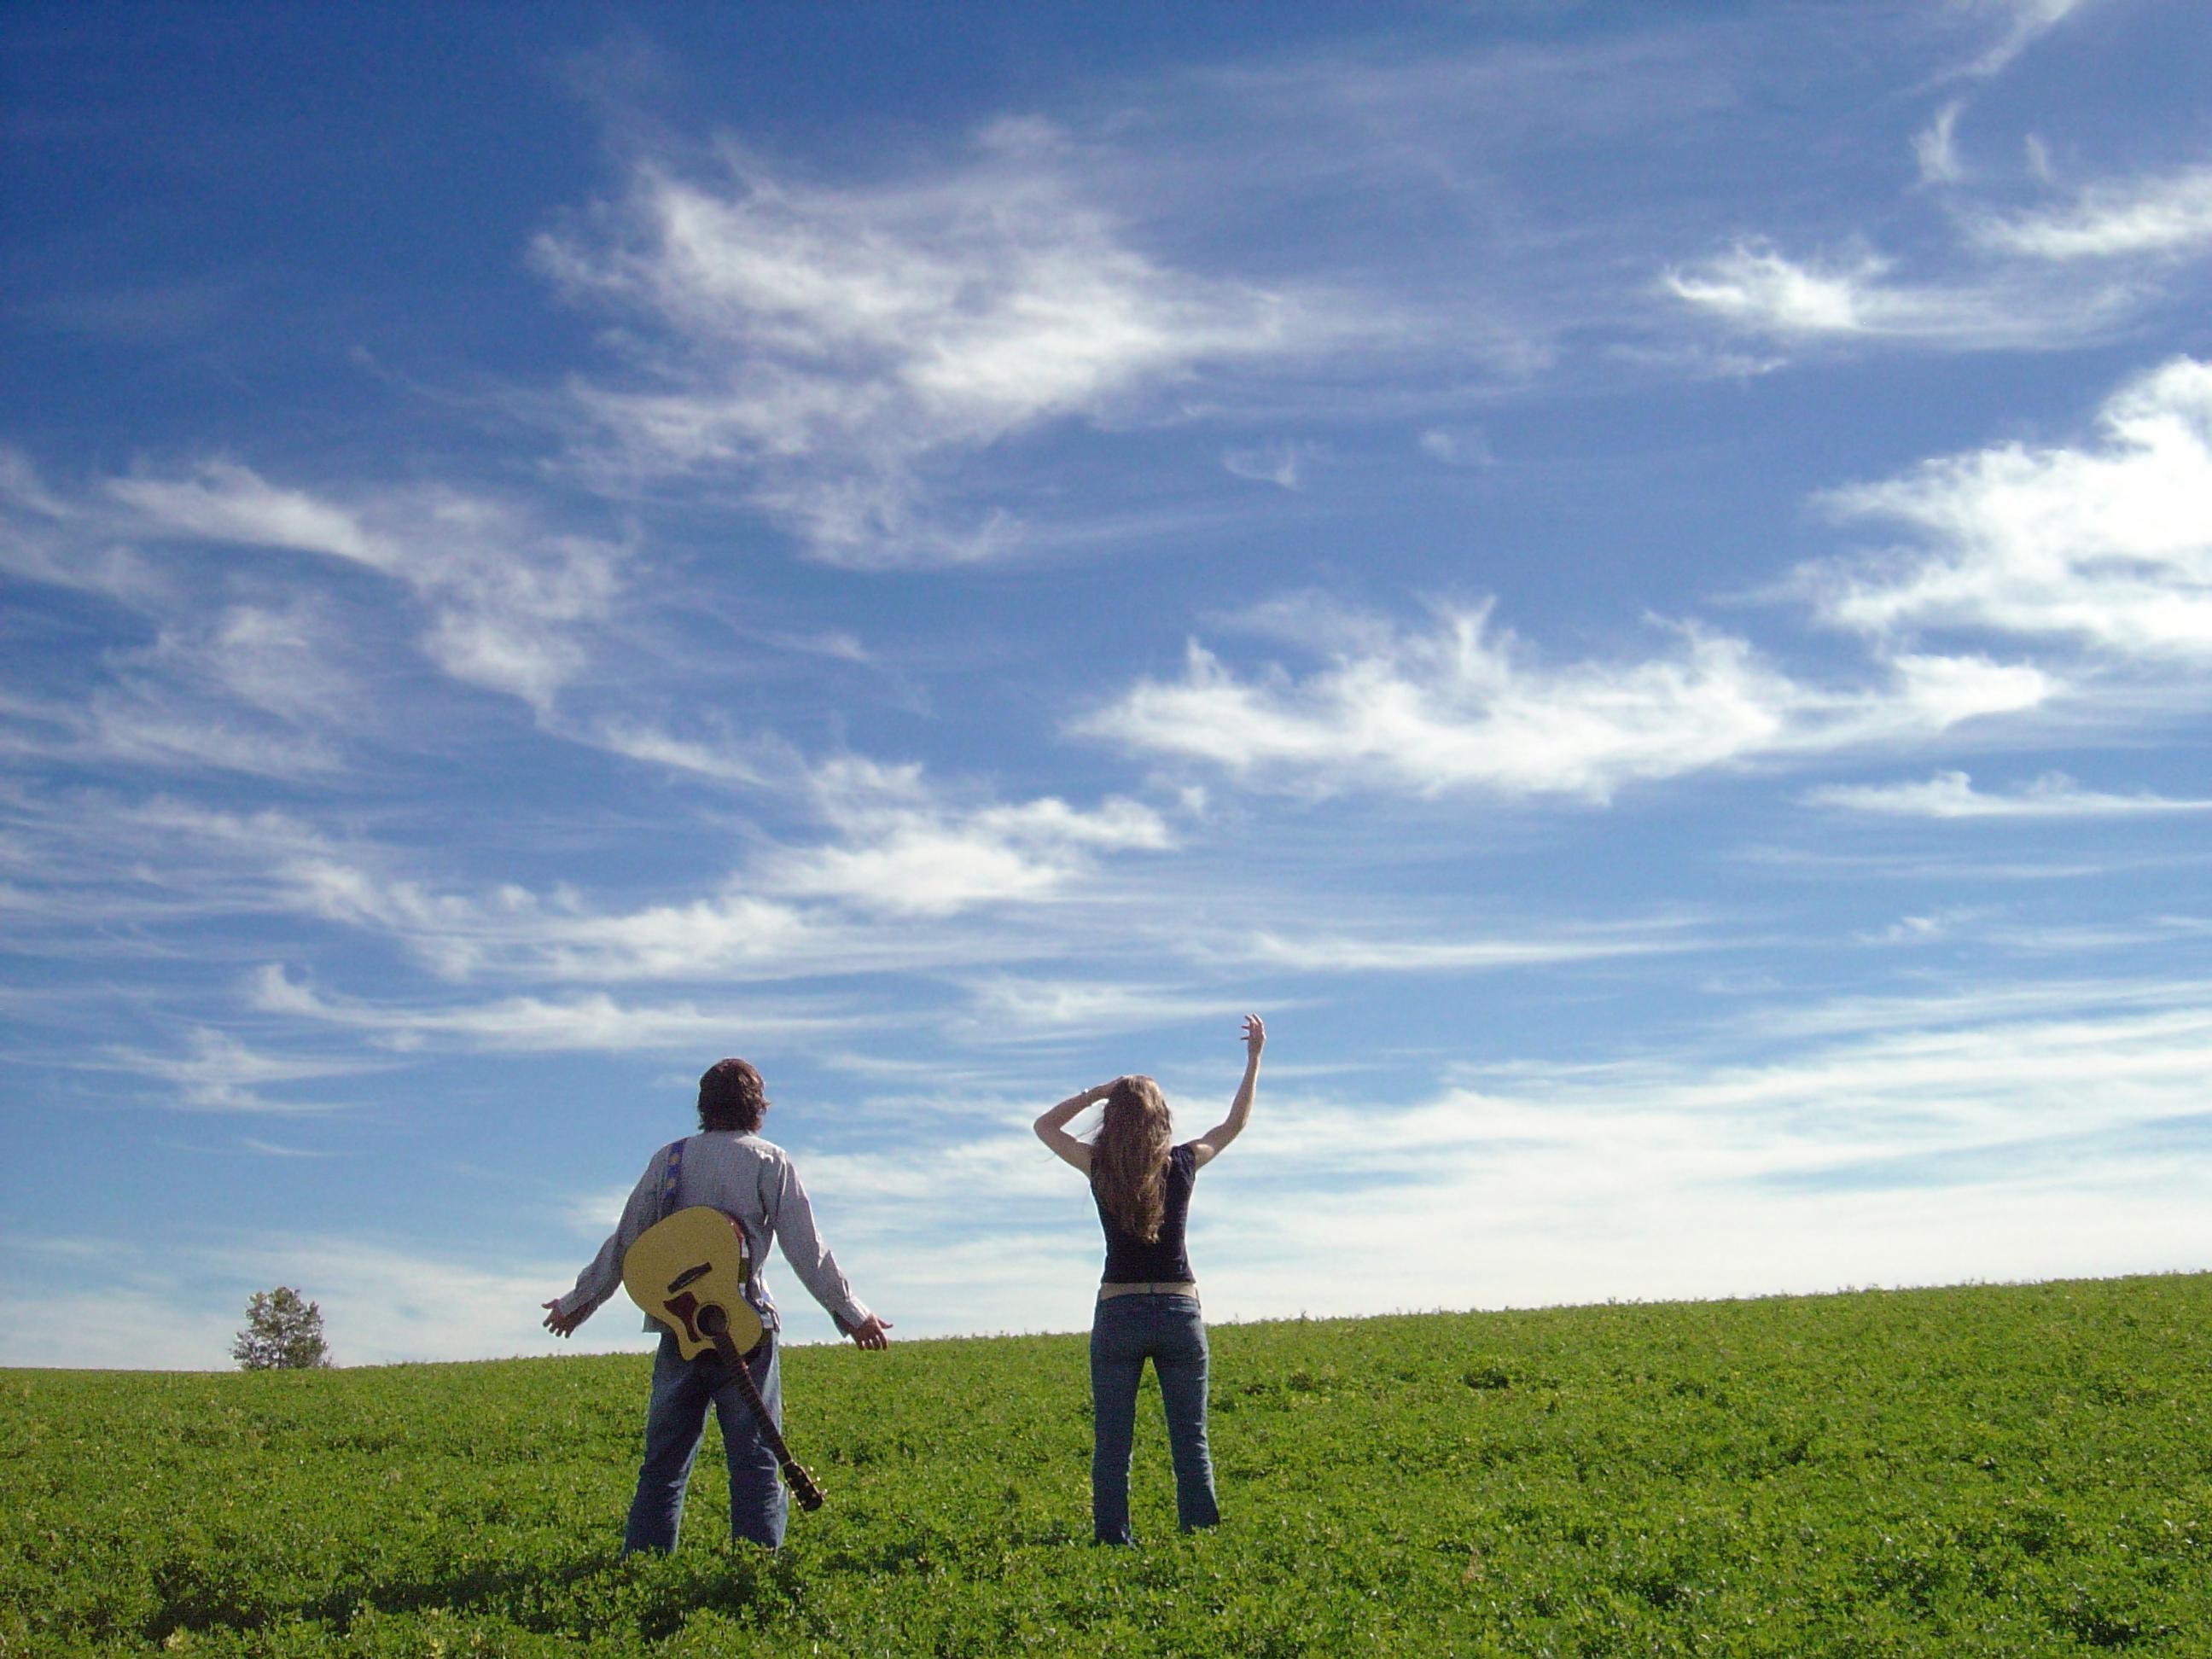 Sol: Perguntas e Respostas sobre o Sol, Tire Suas Dúvidas